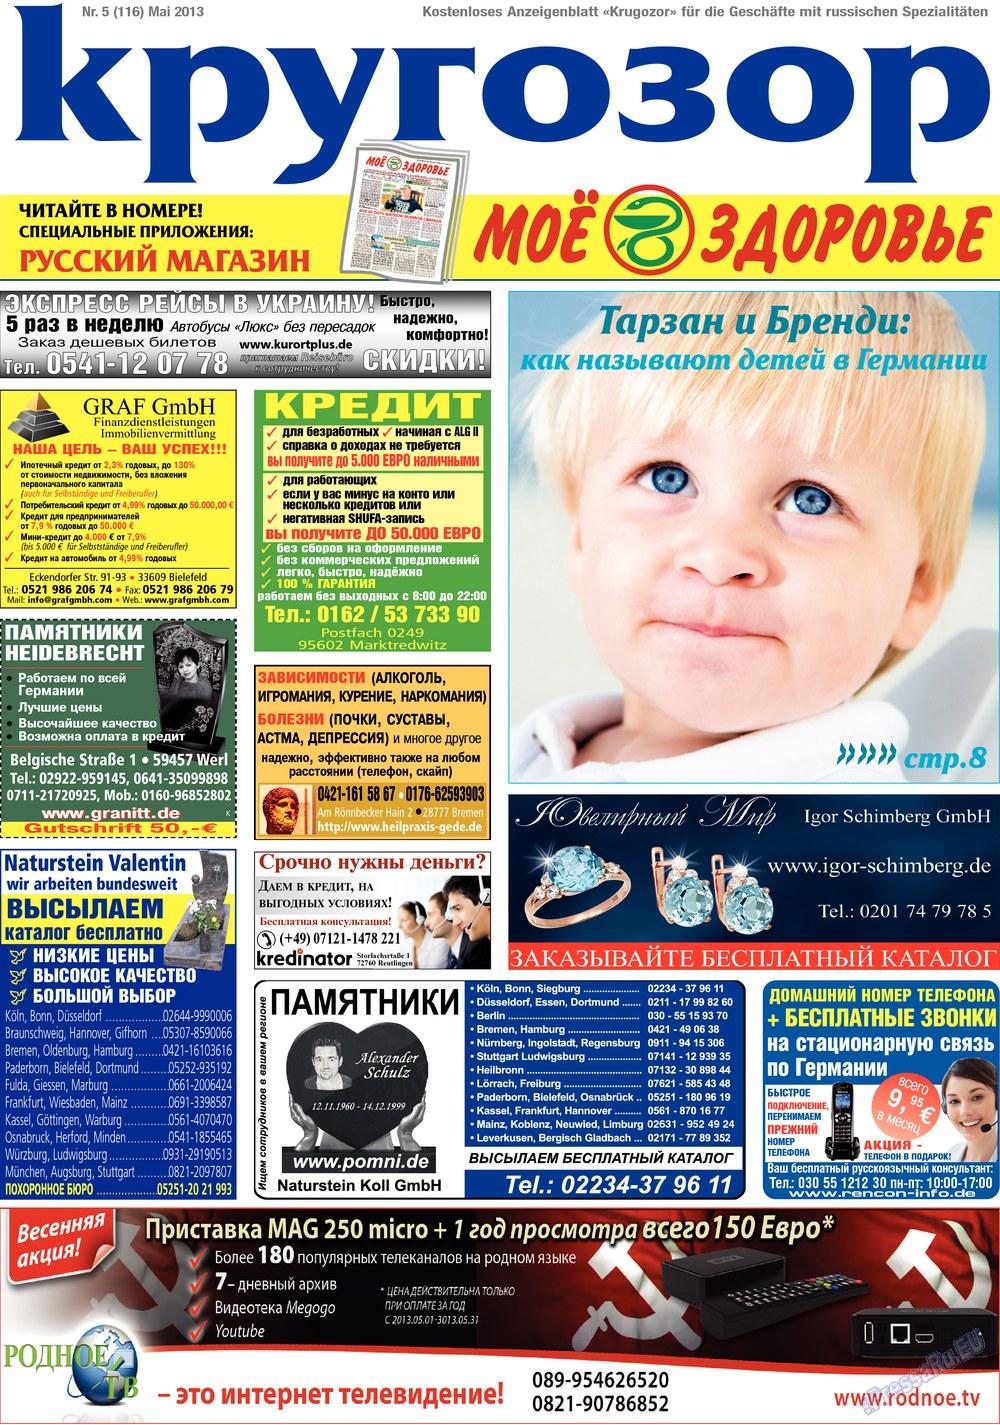 Кругозор (газета). 2013 год, номер 5, стр. 1